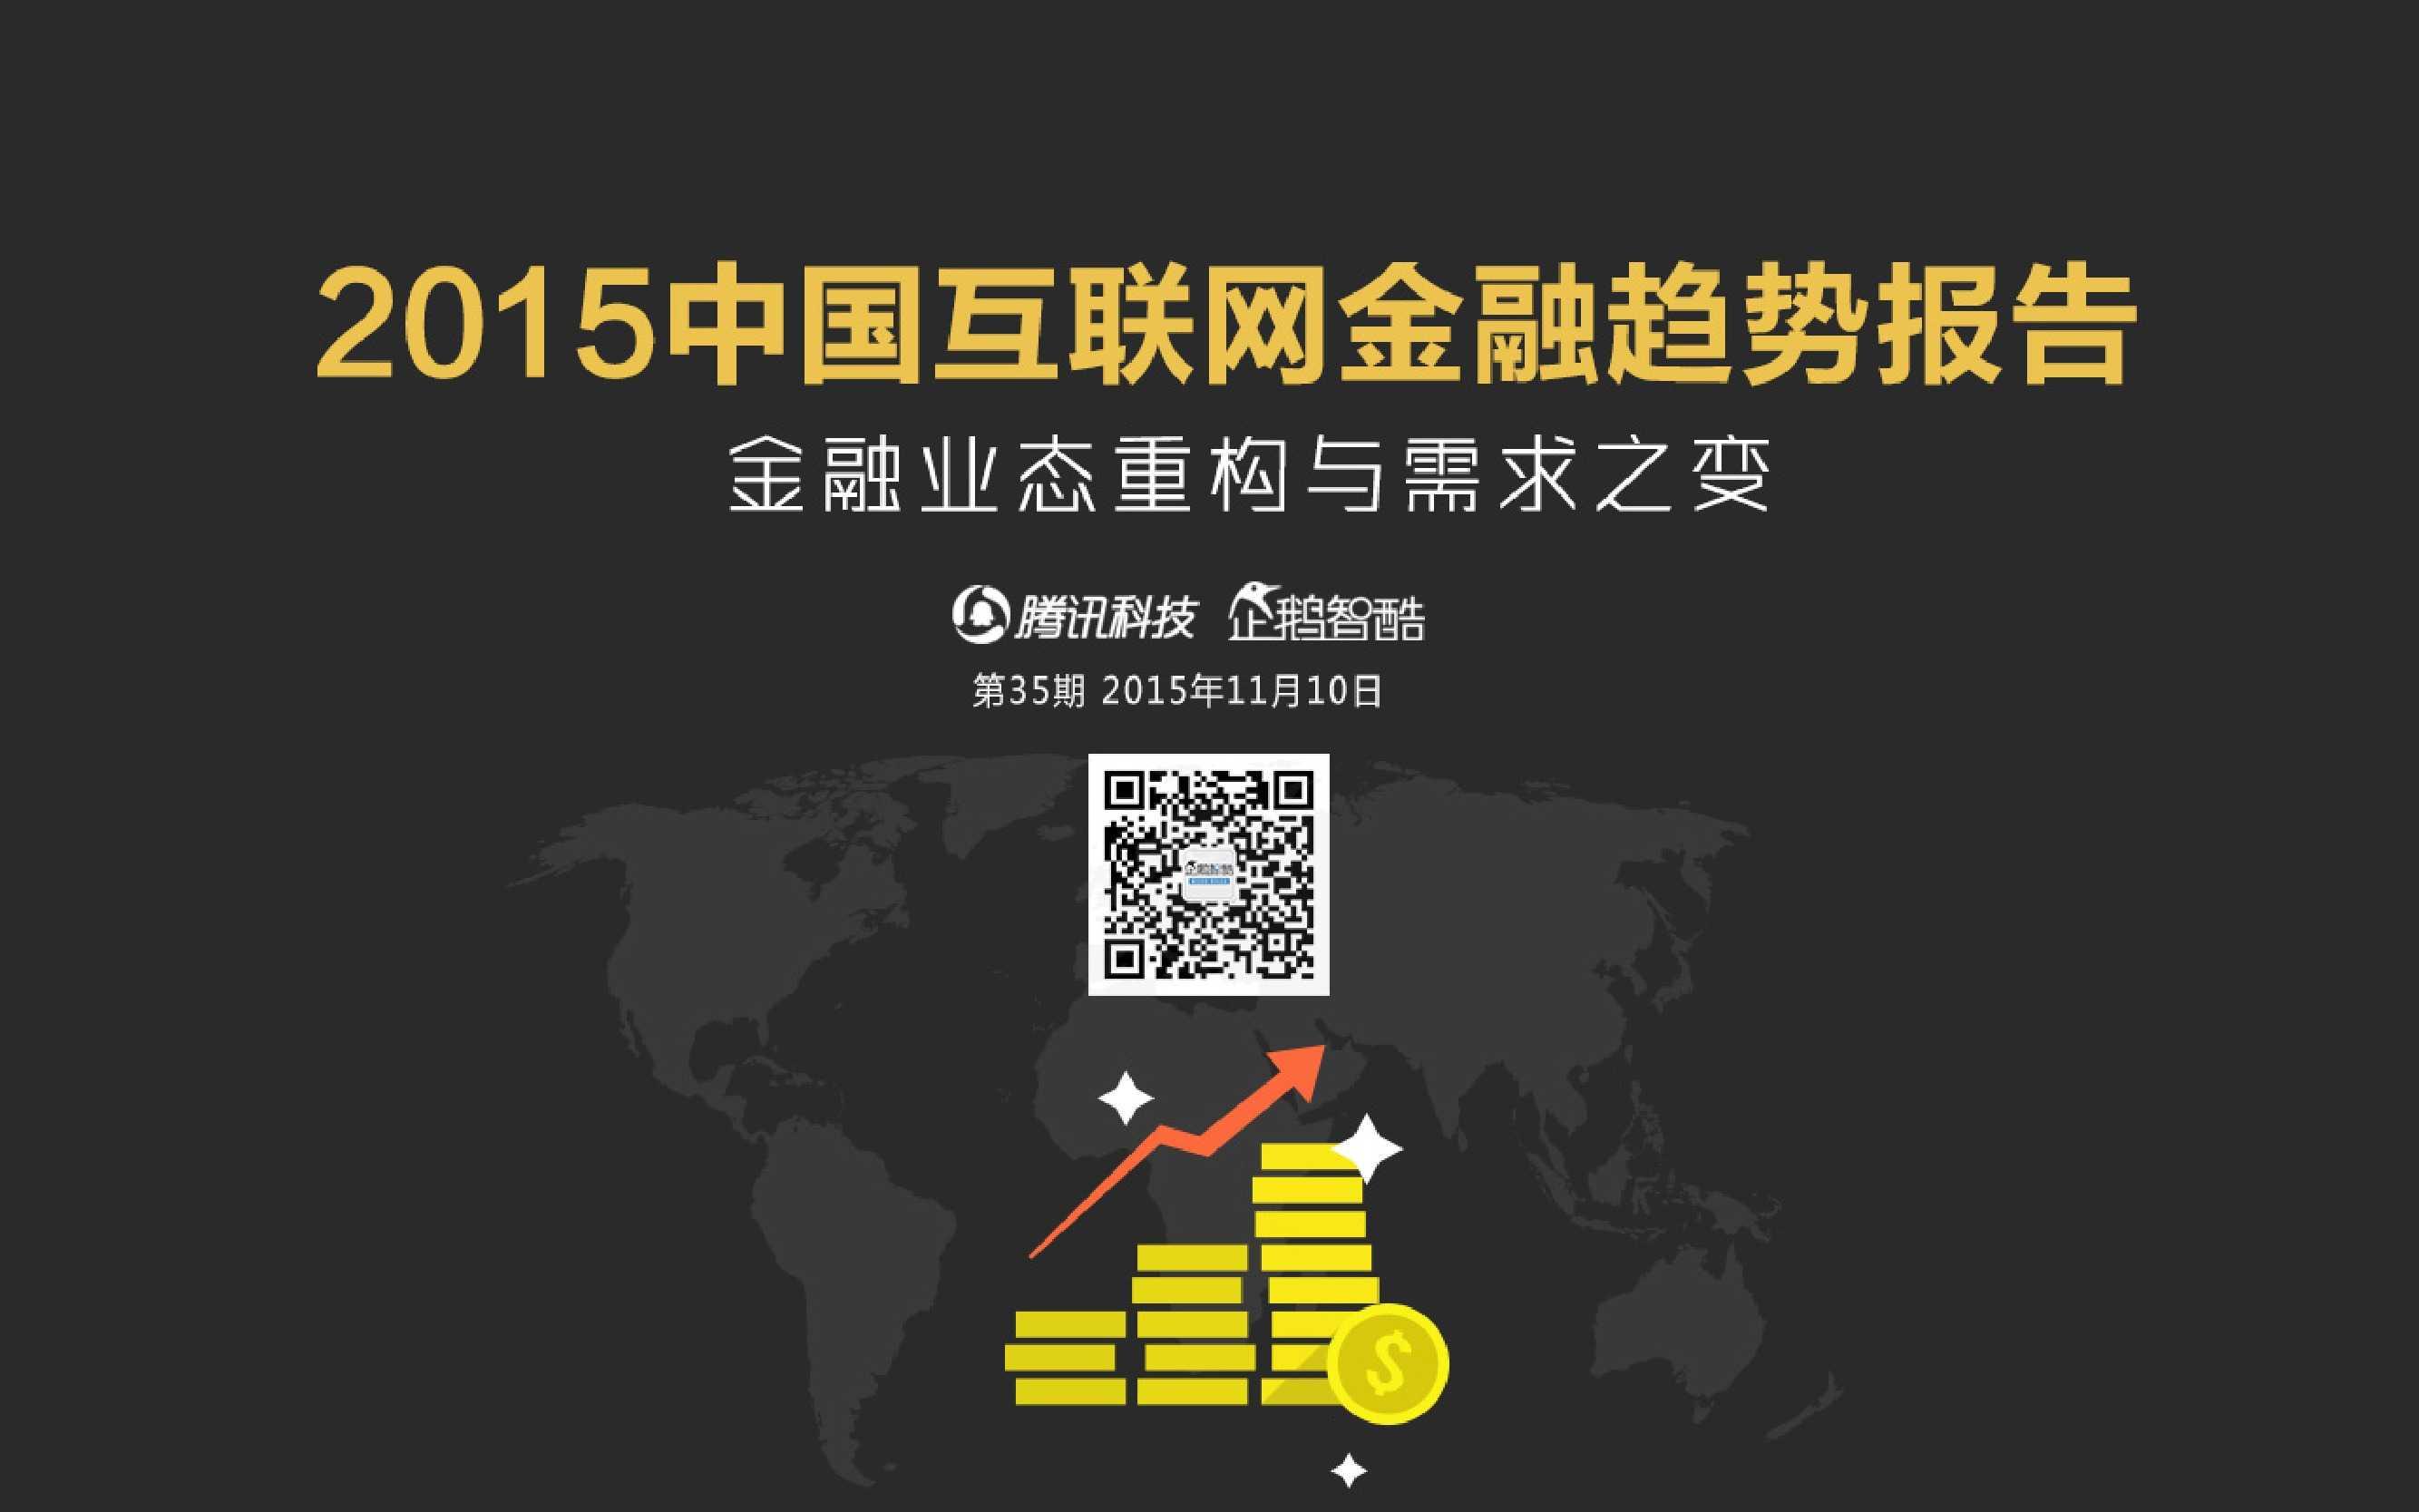 2015中国互联网金融趋势报告_000001